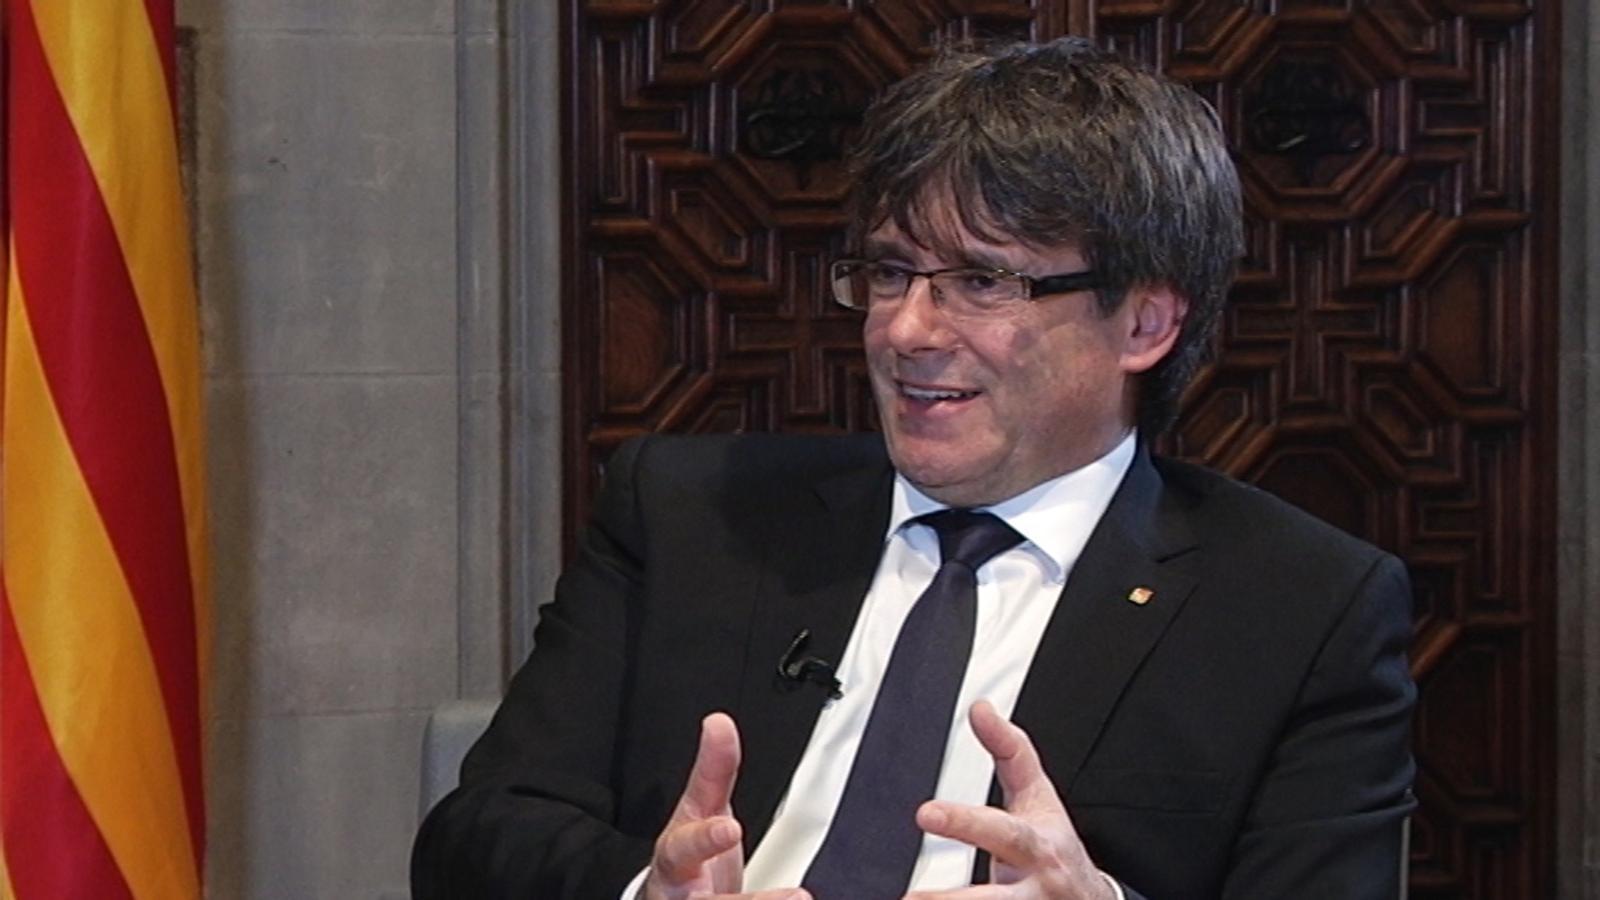 """Carles Puigdemont: """"Estaria disposat a participar en un debat cara a cara amb Mariano Rajoy al Congrés"""""""